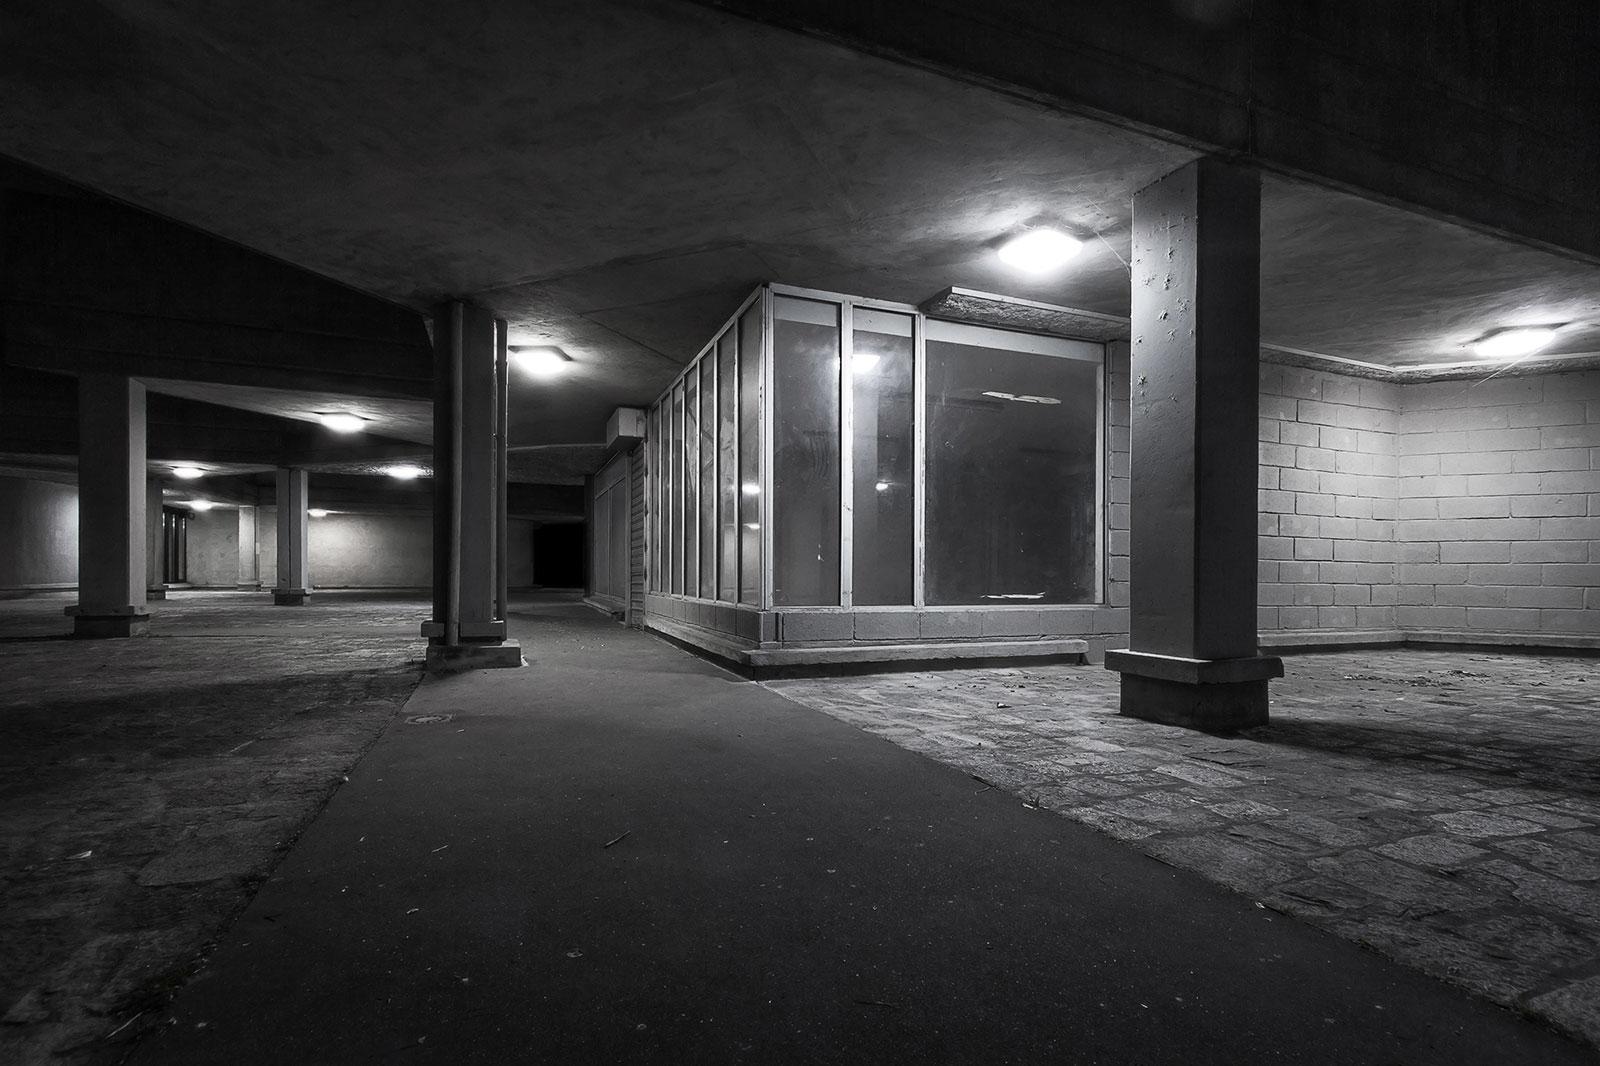 Au milieu de nulle part - Photographie urbaine de nuit